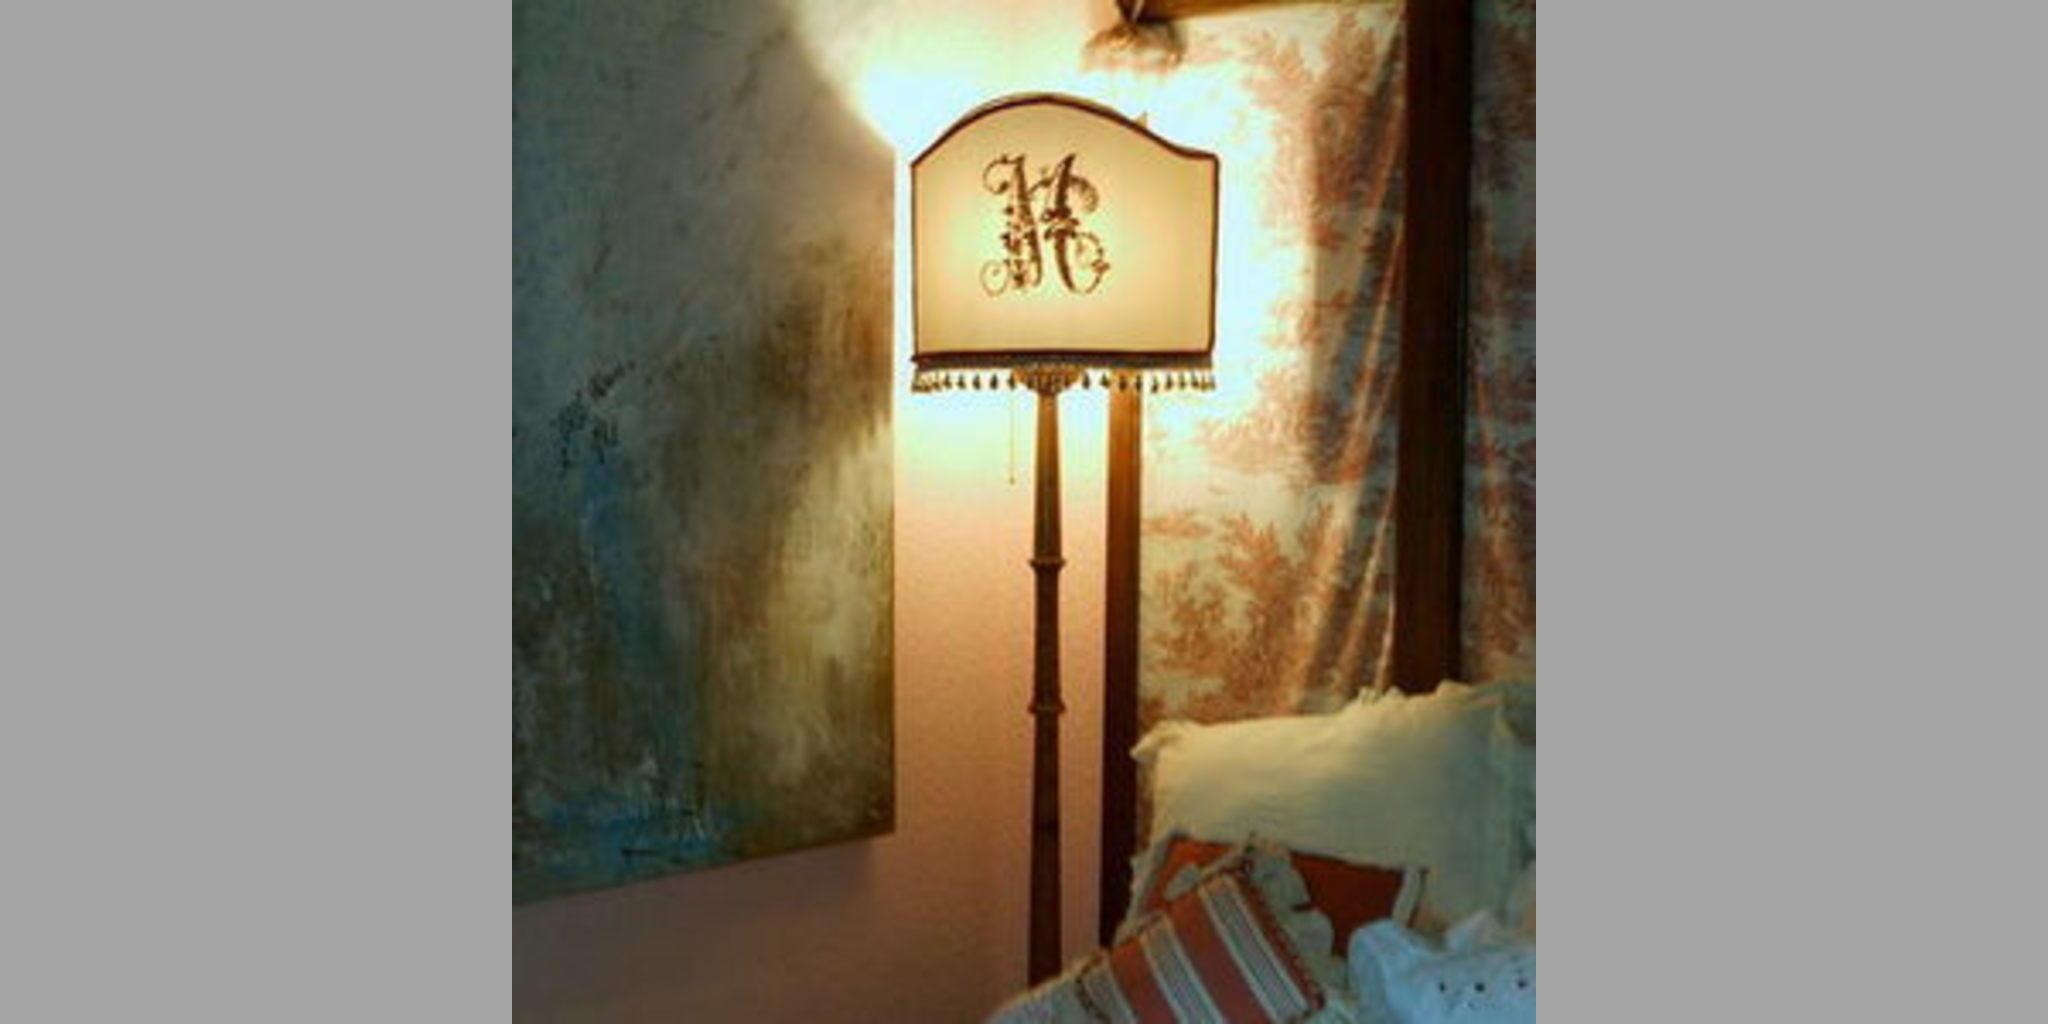 Bed & Breakfast Gallicano - Gallicano_Trassilico